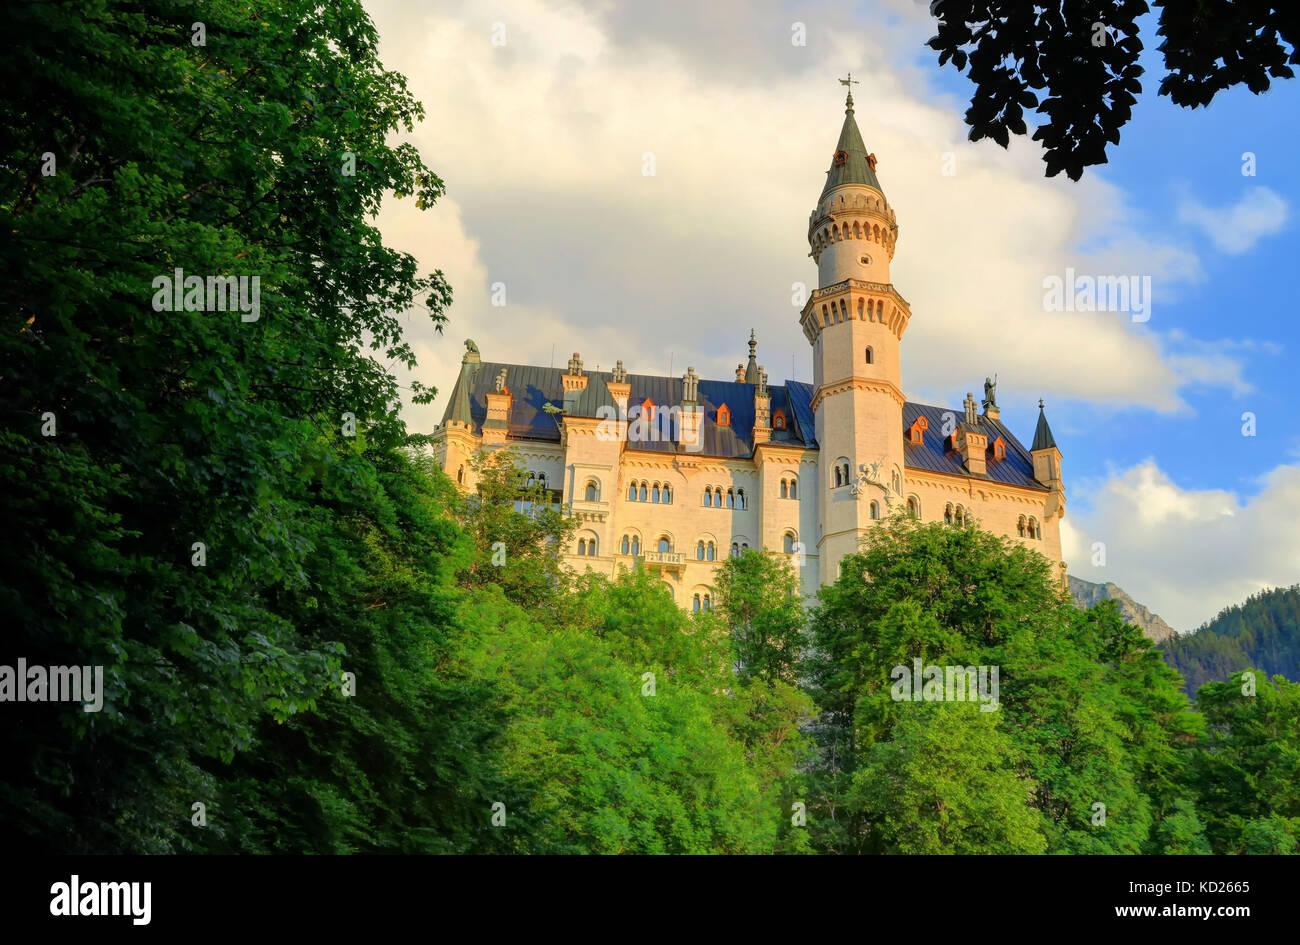 Front shot of Neuschwanstein Castle, near Füssen in southwest Bavaria, Germany. - Stock Image